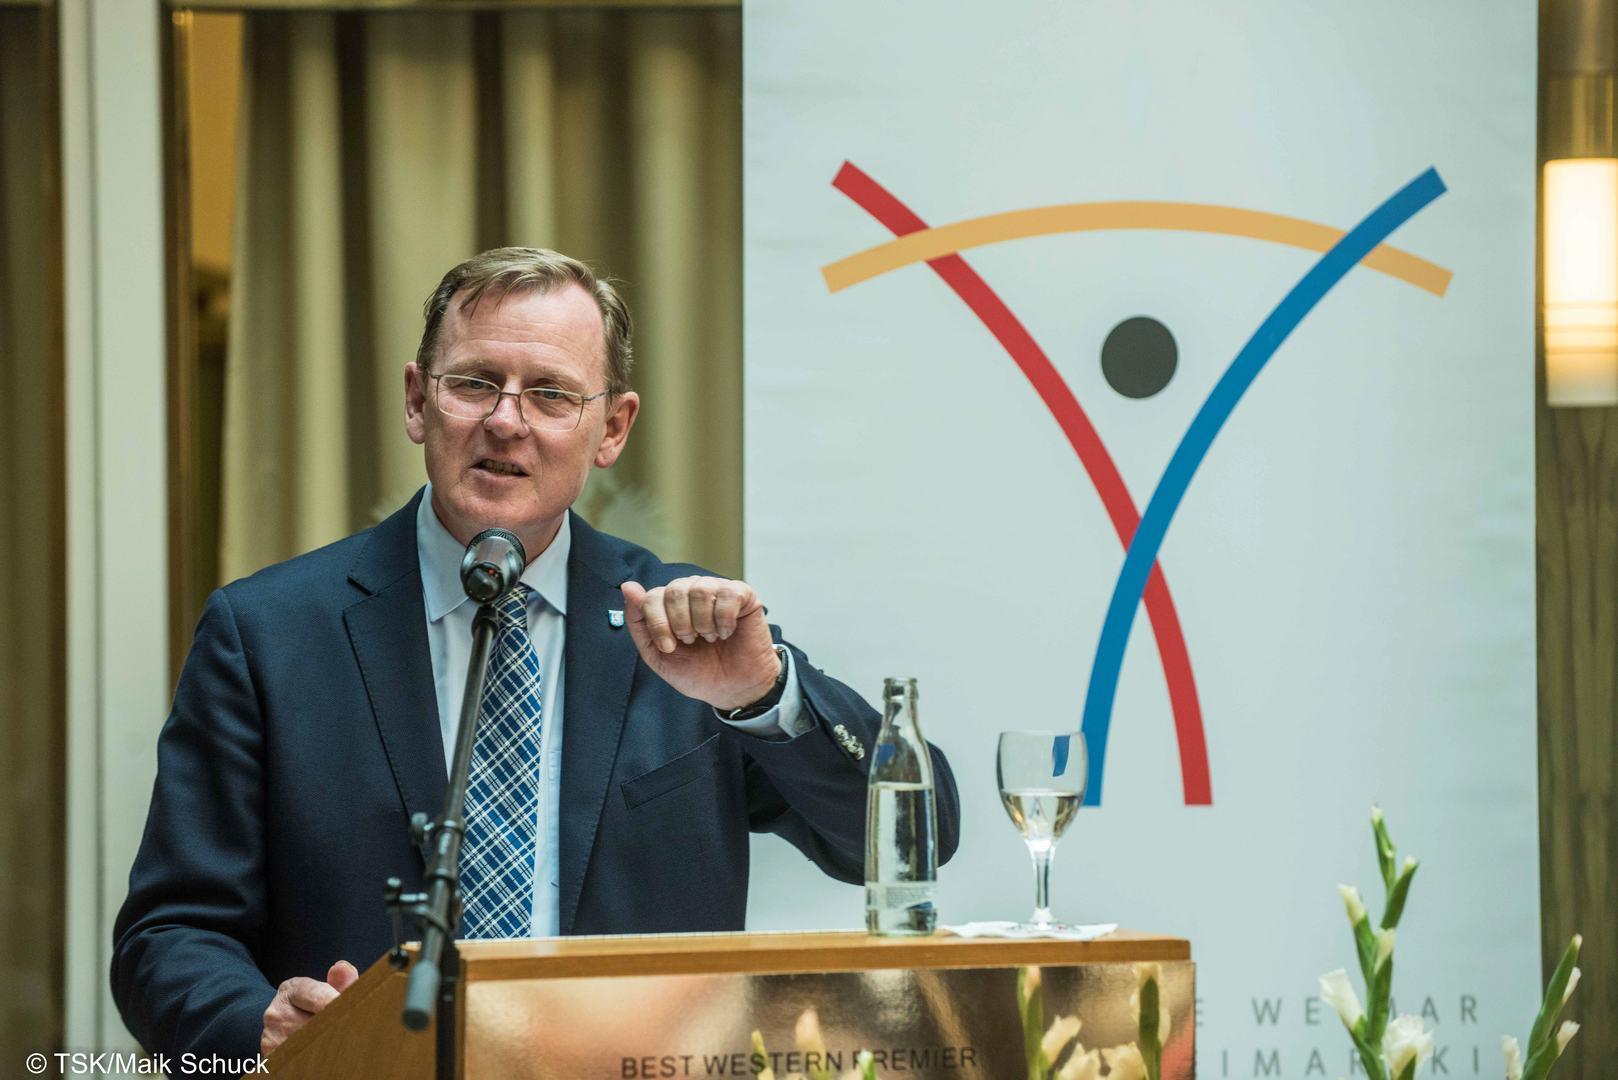 Weimarer-Dreieck-Preis für zivilgesellschaftliches Engagement in Weimar im Bild Ministerpräsident Bodo Ramelow